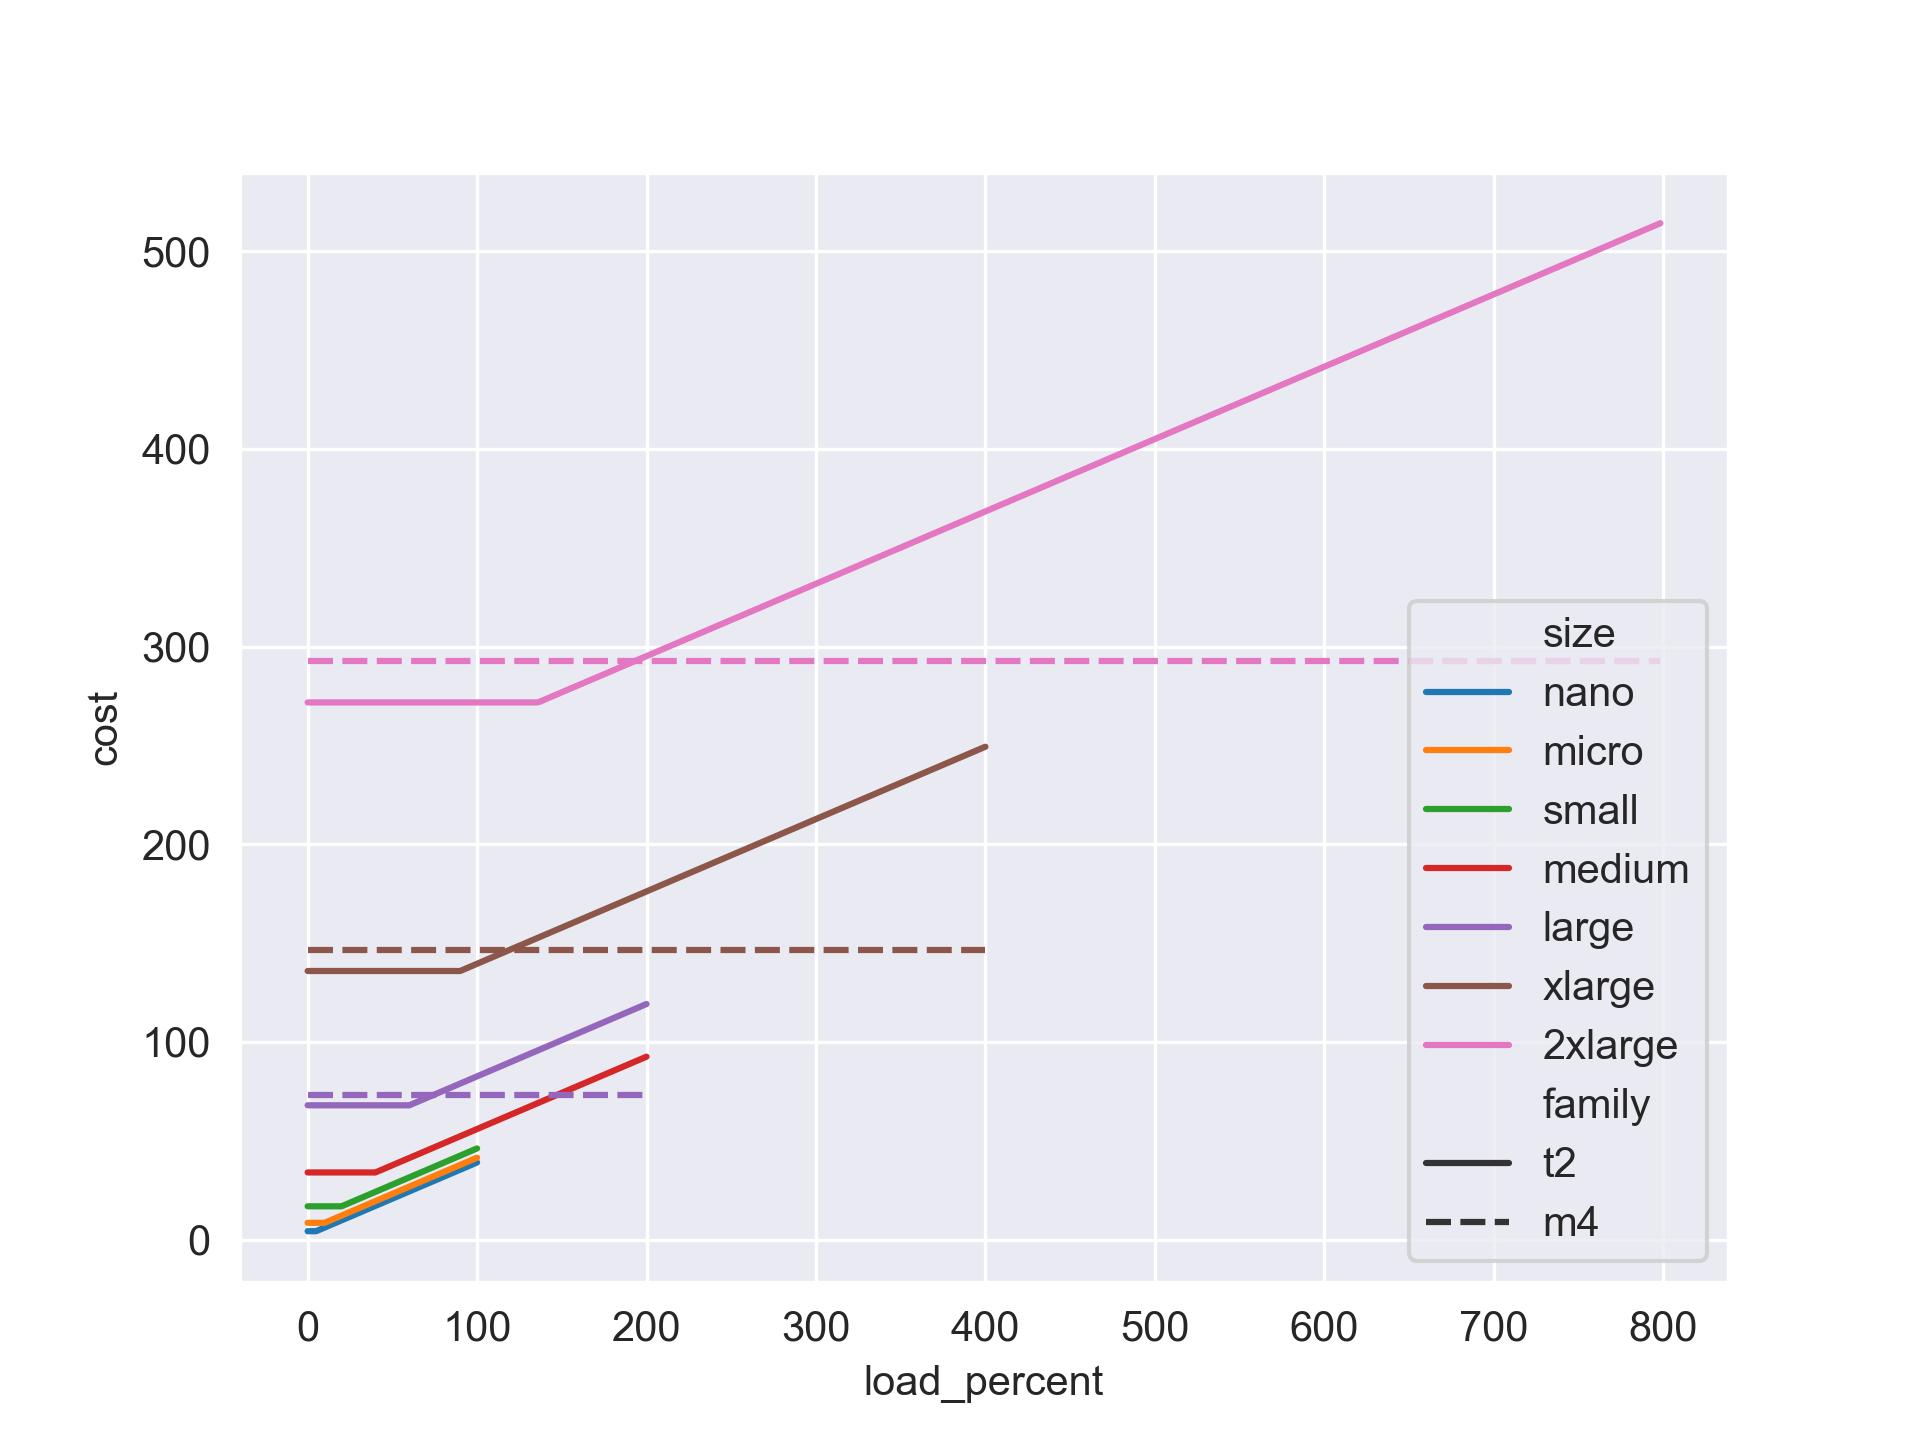 t2 vs m4 plot